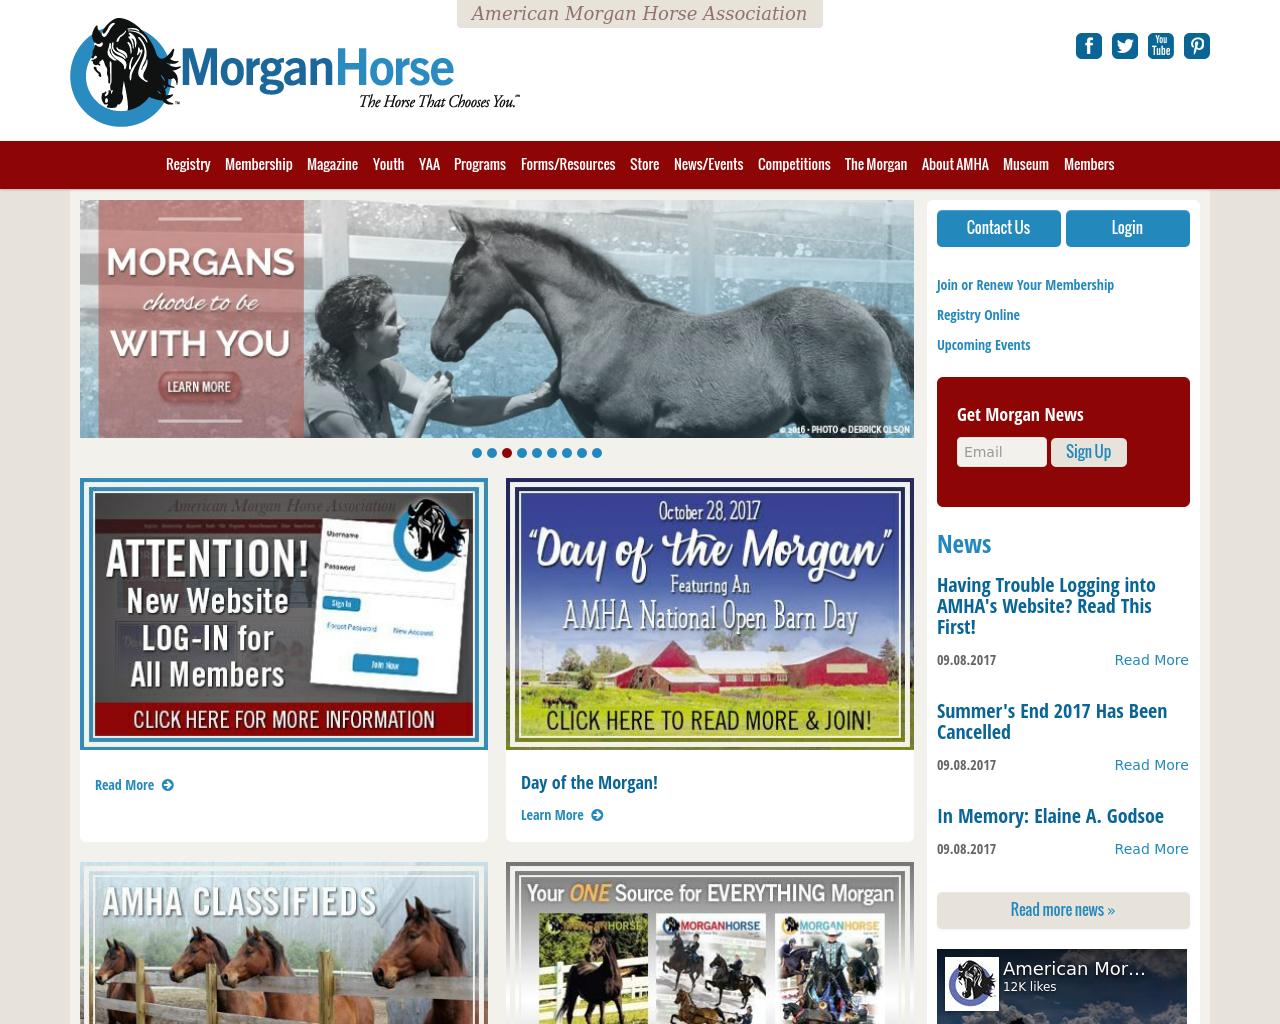 Morgan-Horse-Advertising-Reviews-Pricing